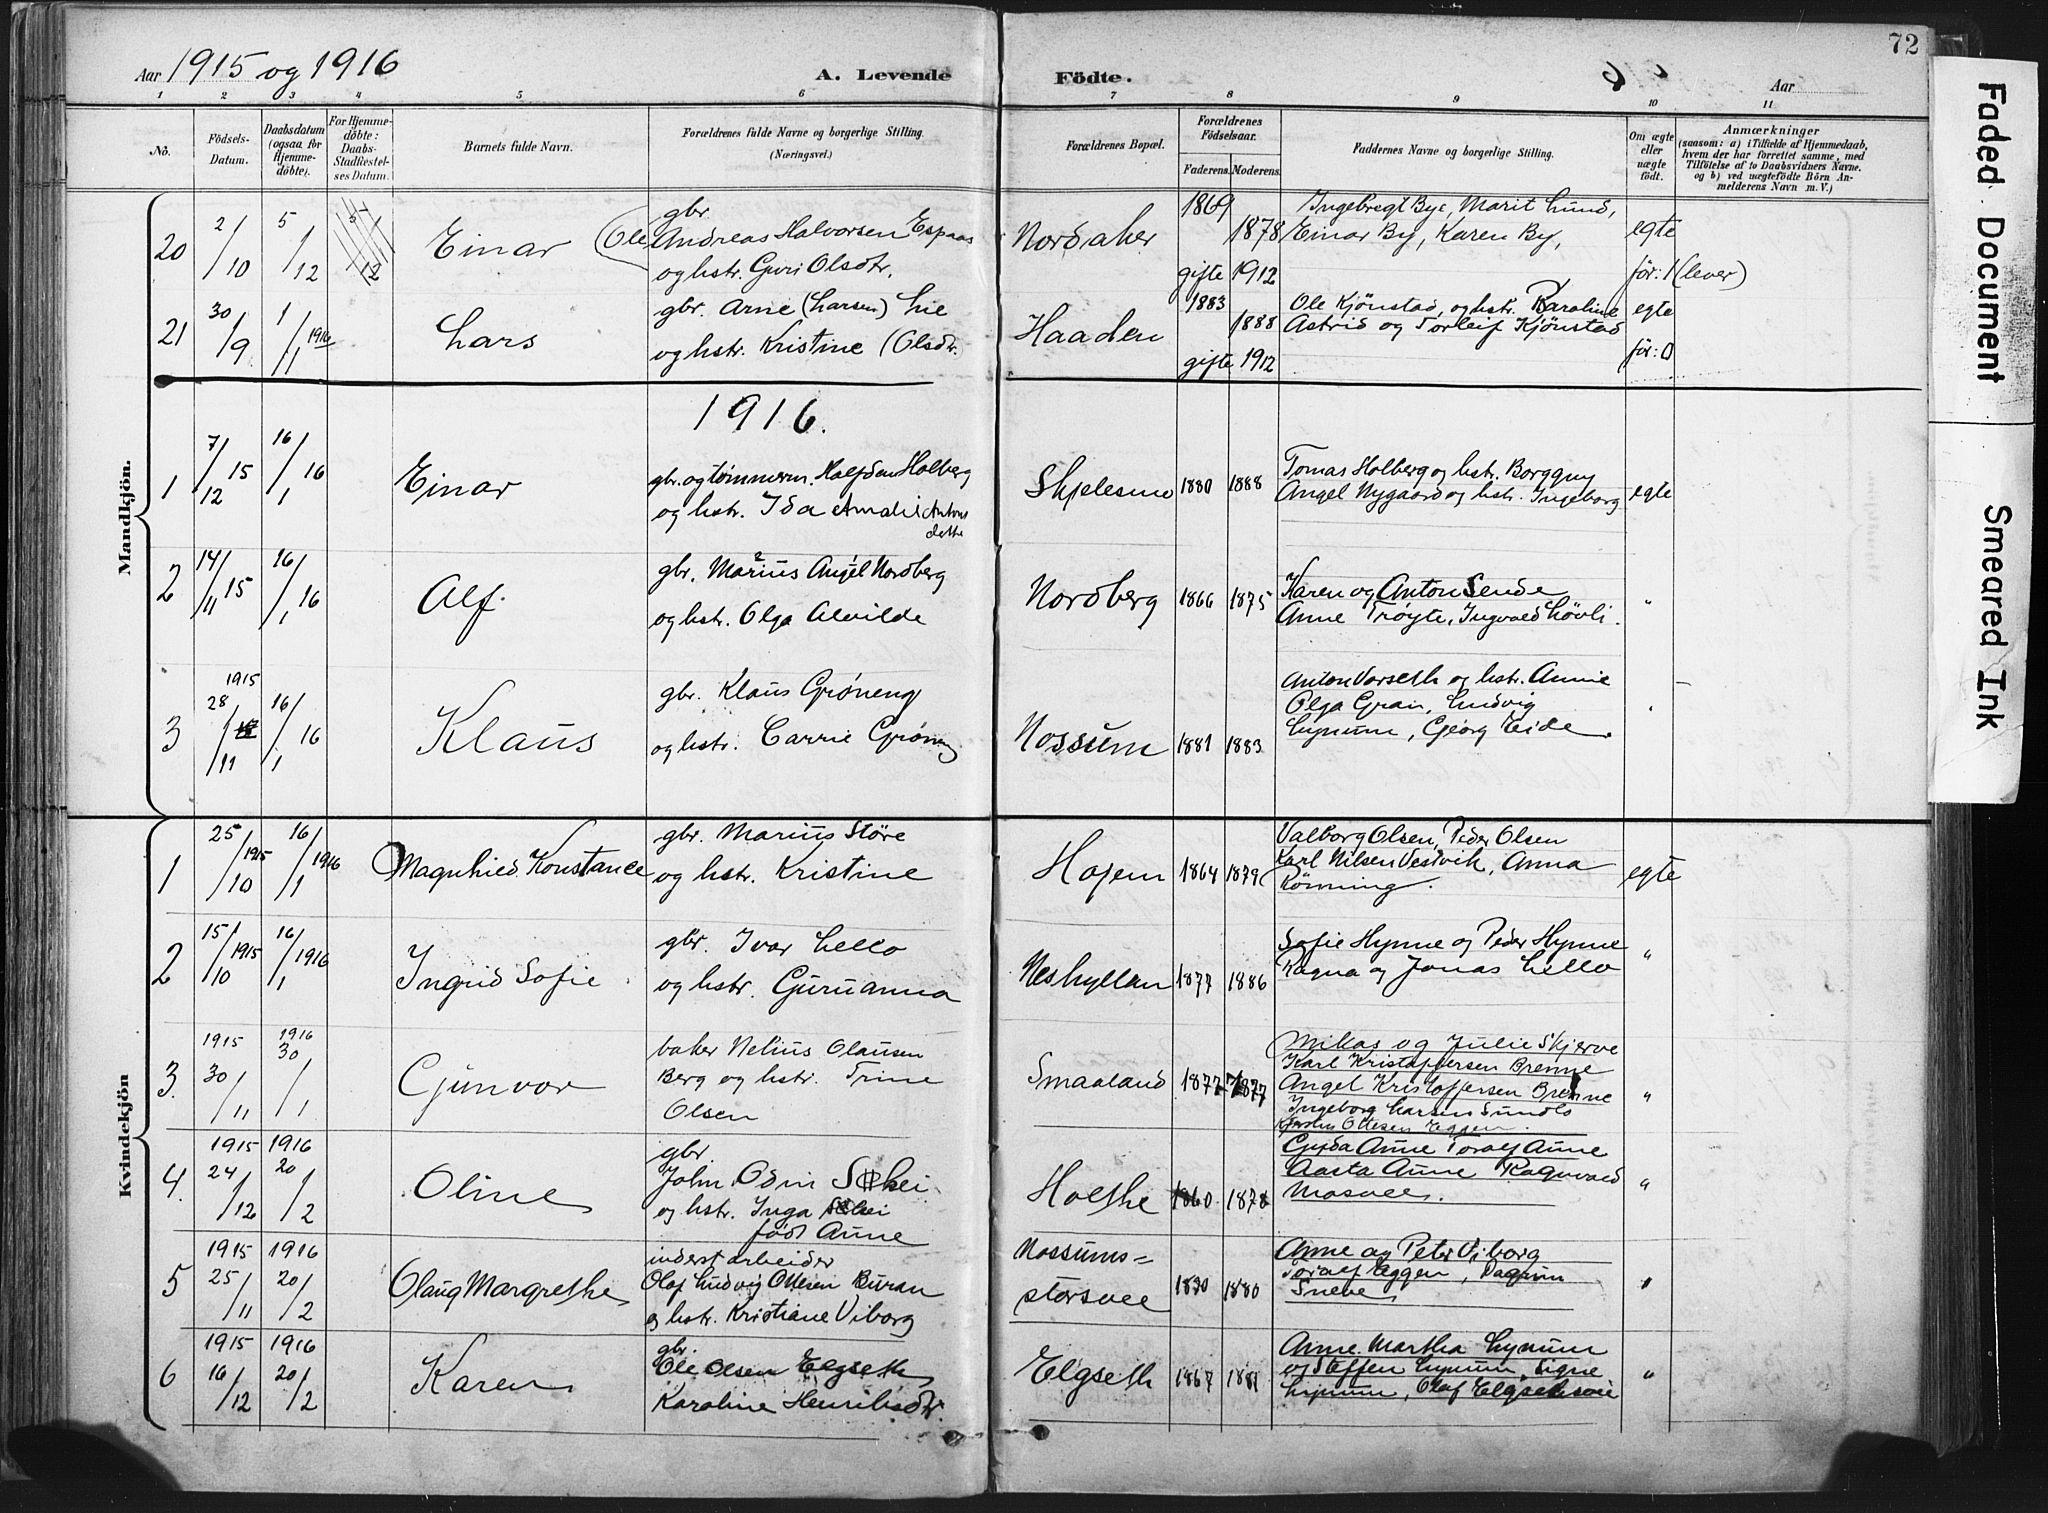 SAT, Ministerialprotokoller, klokkerbøker og fødselsregistre - Nord-Trøndelag, 717/L0162: Ministerialbok nr. 717A12, 1898-1923, s. 72